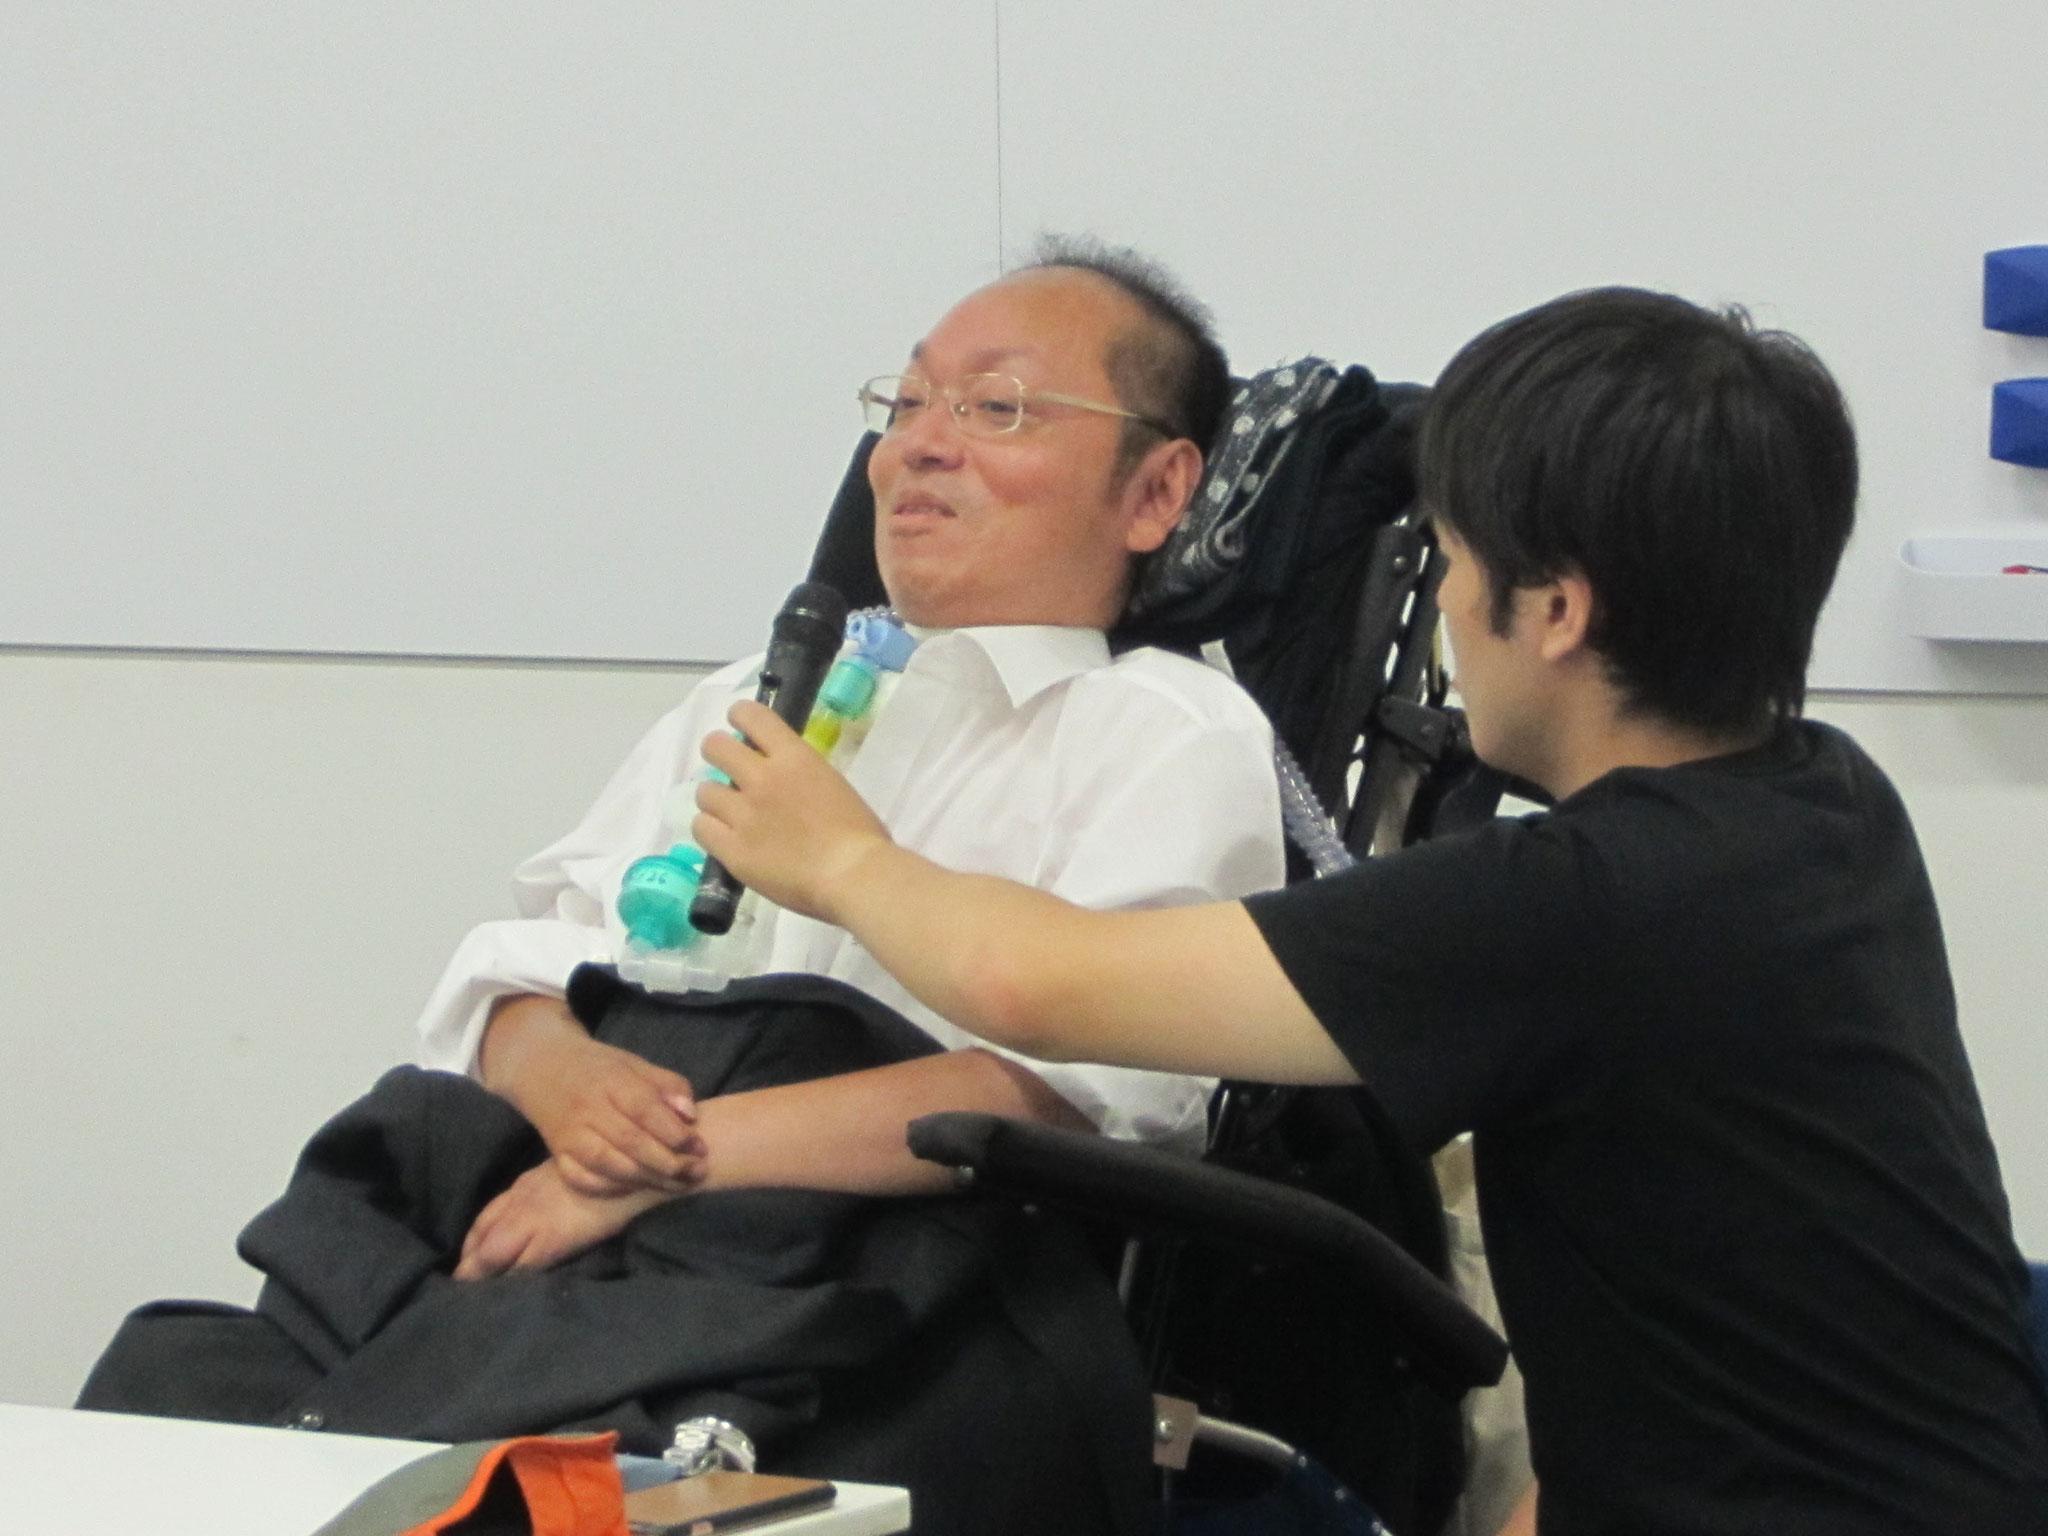 陽気に、笑顔で発言中の小田氏